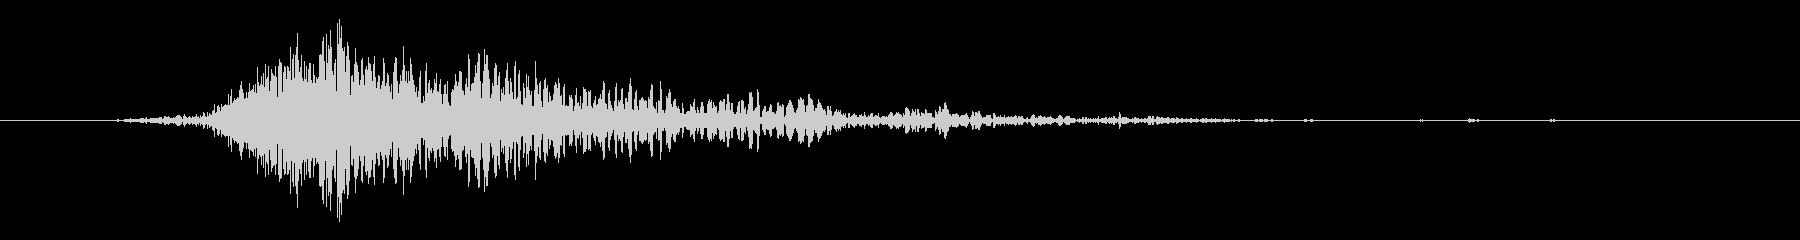 斬撃 ファイヤーイグナイトスモール02の未再生の波形